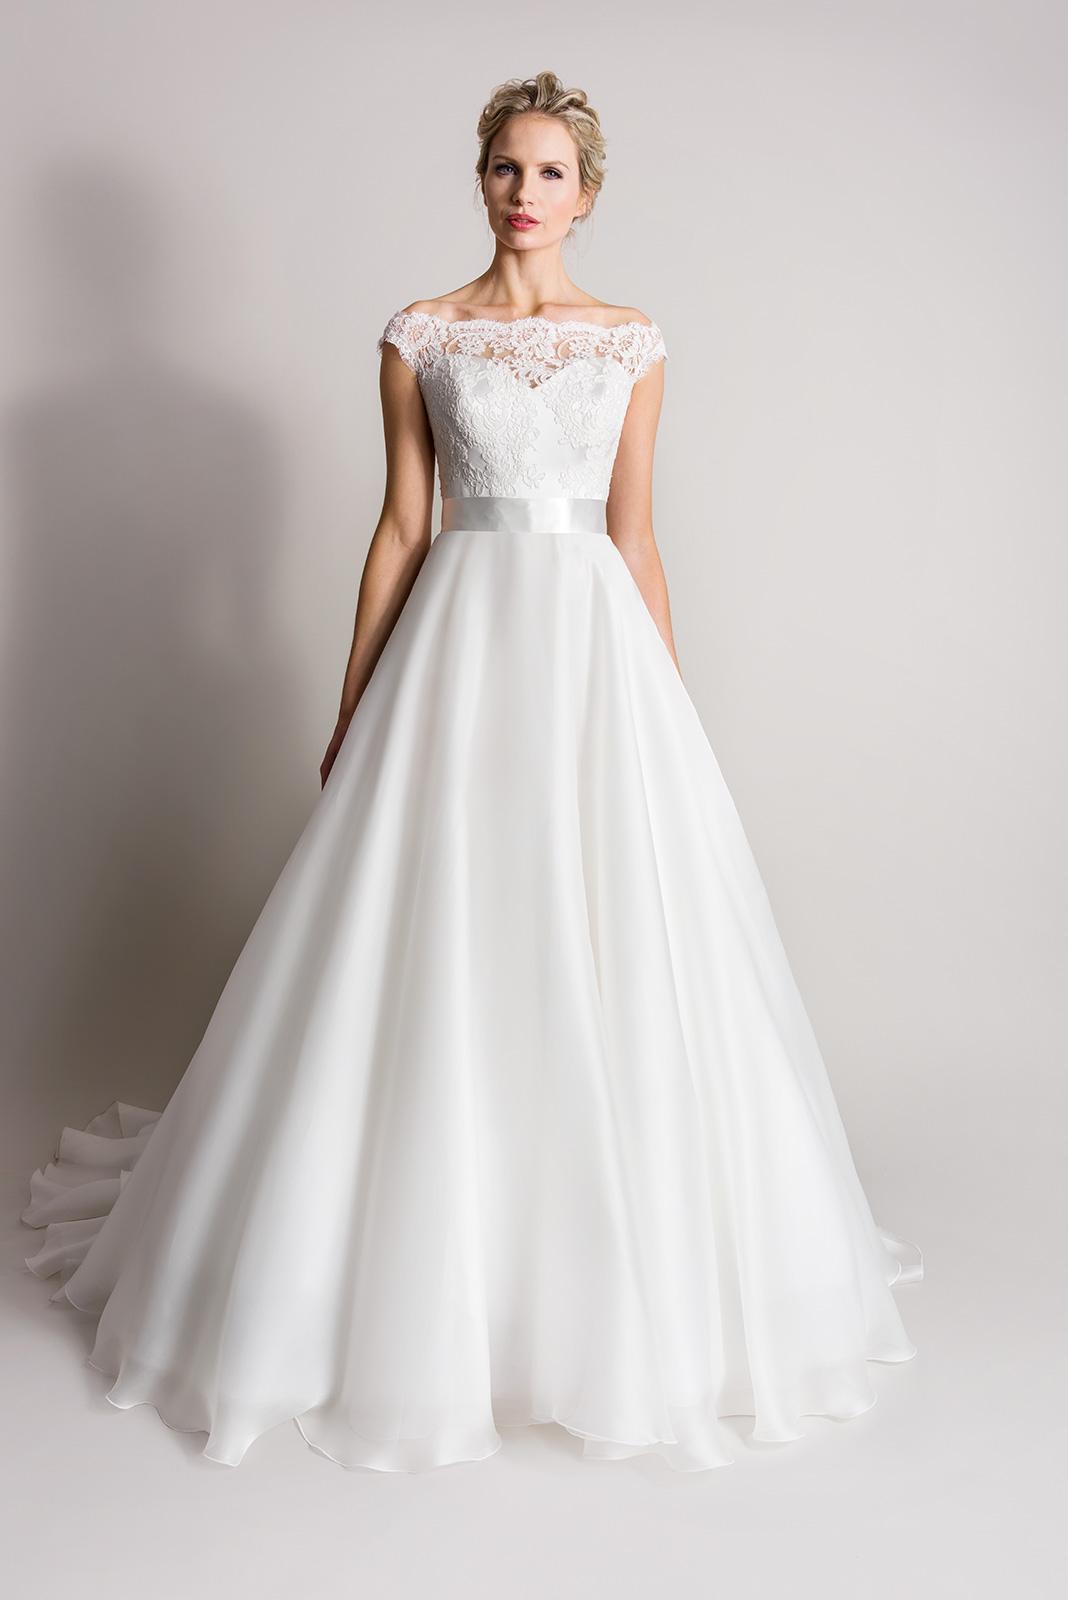 Suzanne Neville Songbird Rock My Wedding Uk Wedding Blog